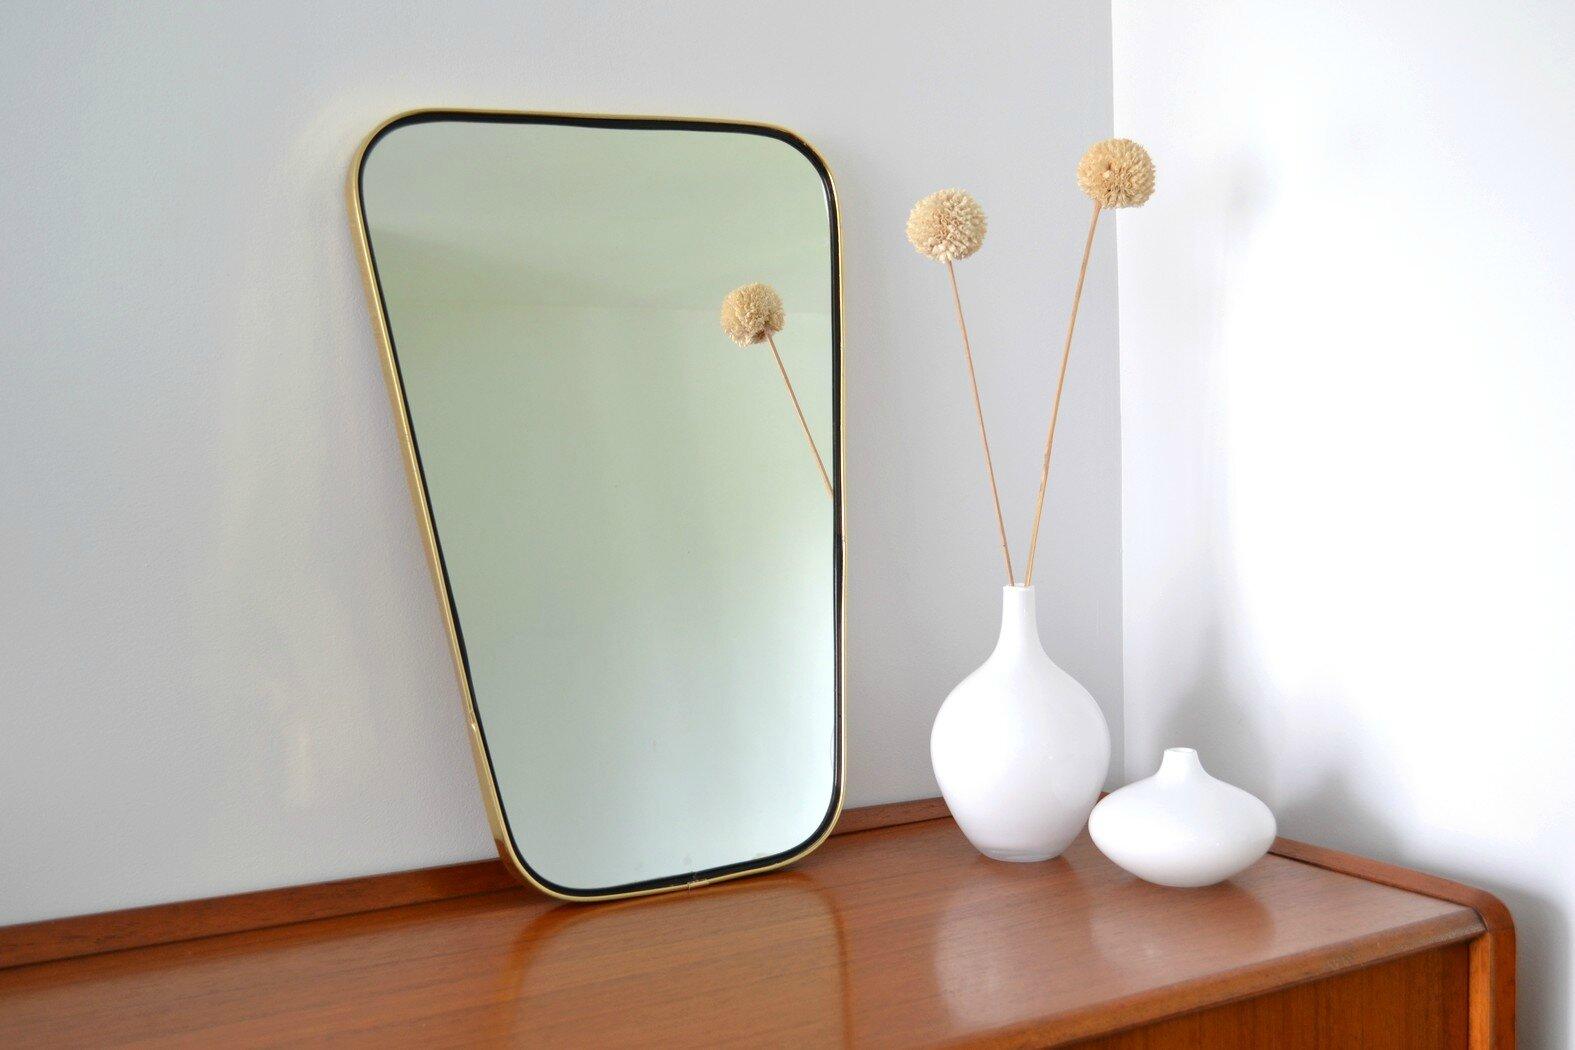 Les nouveaux miroirs sont en ligne mon shop vintage for Miroir en ligne